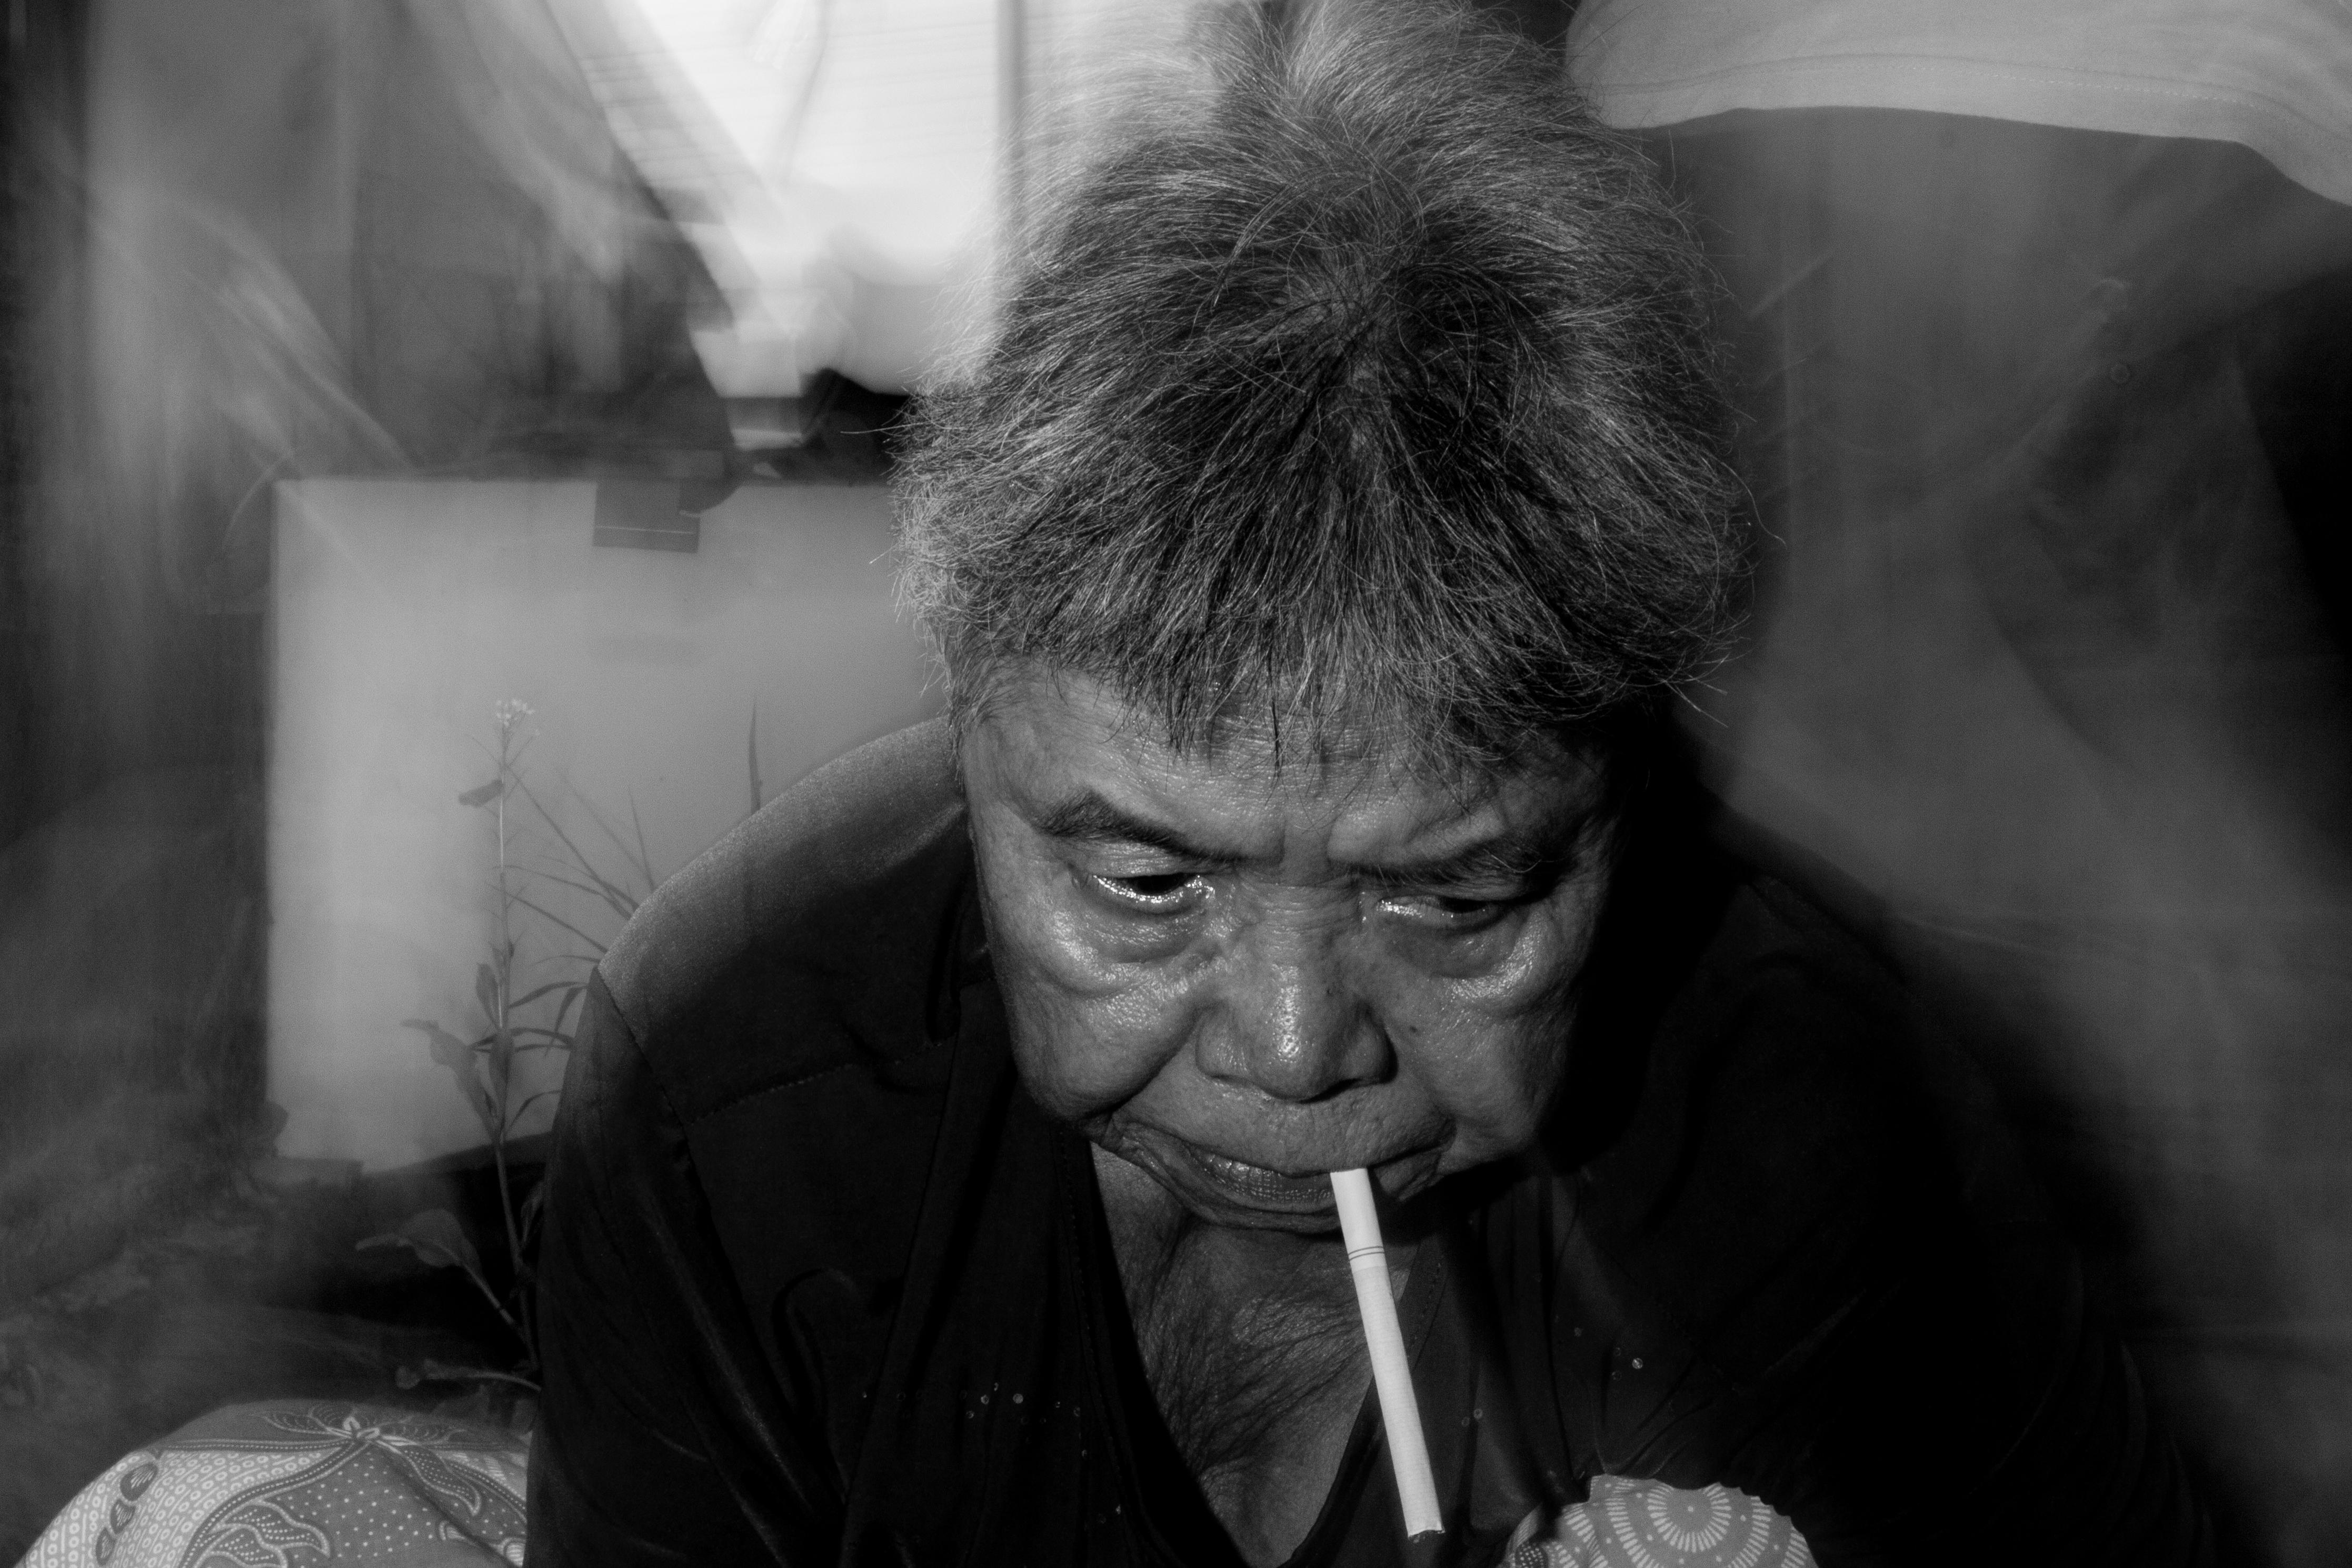 Borneo Grandmama